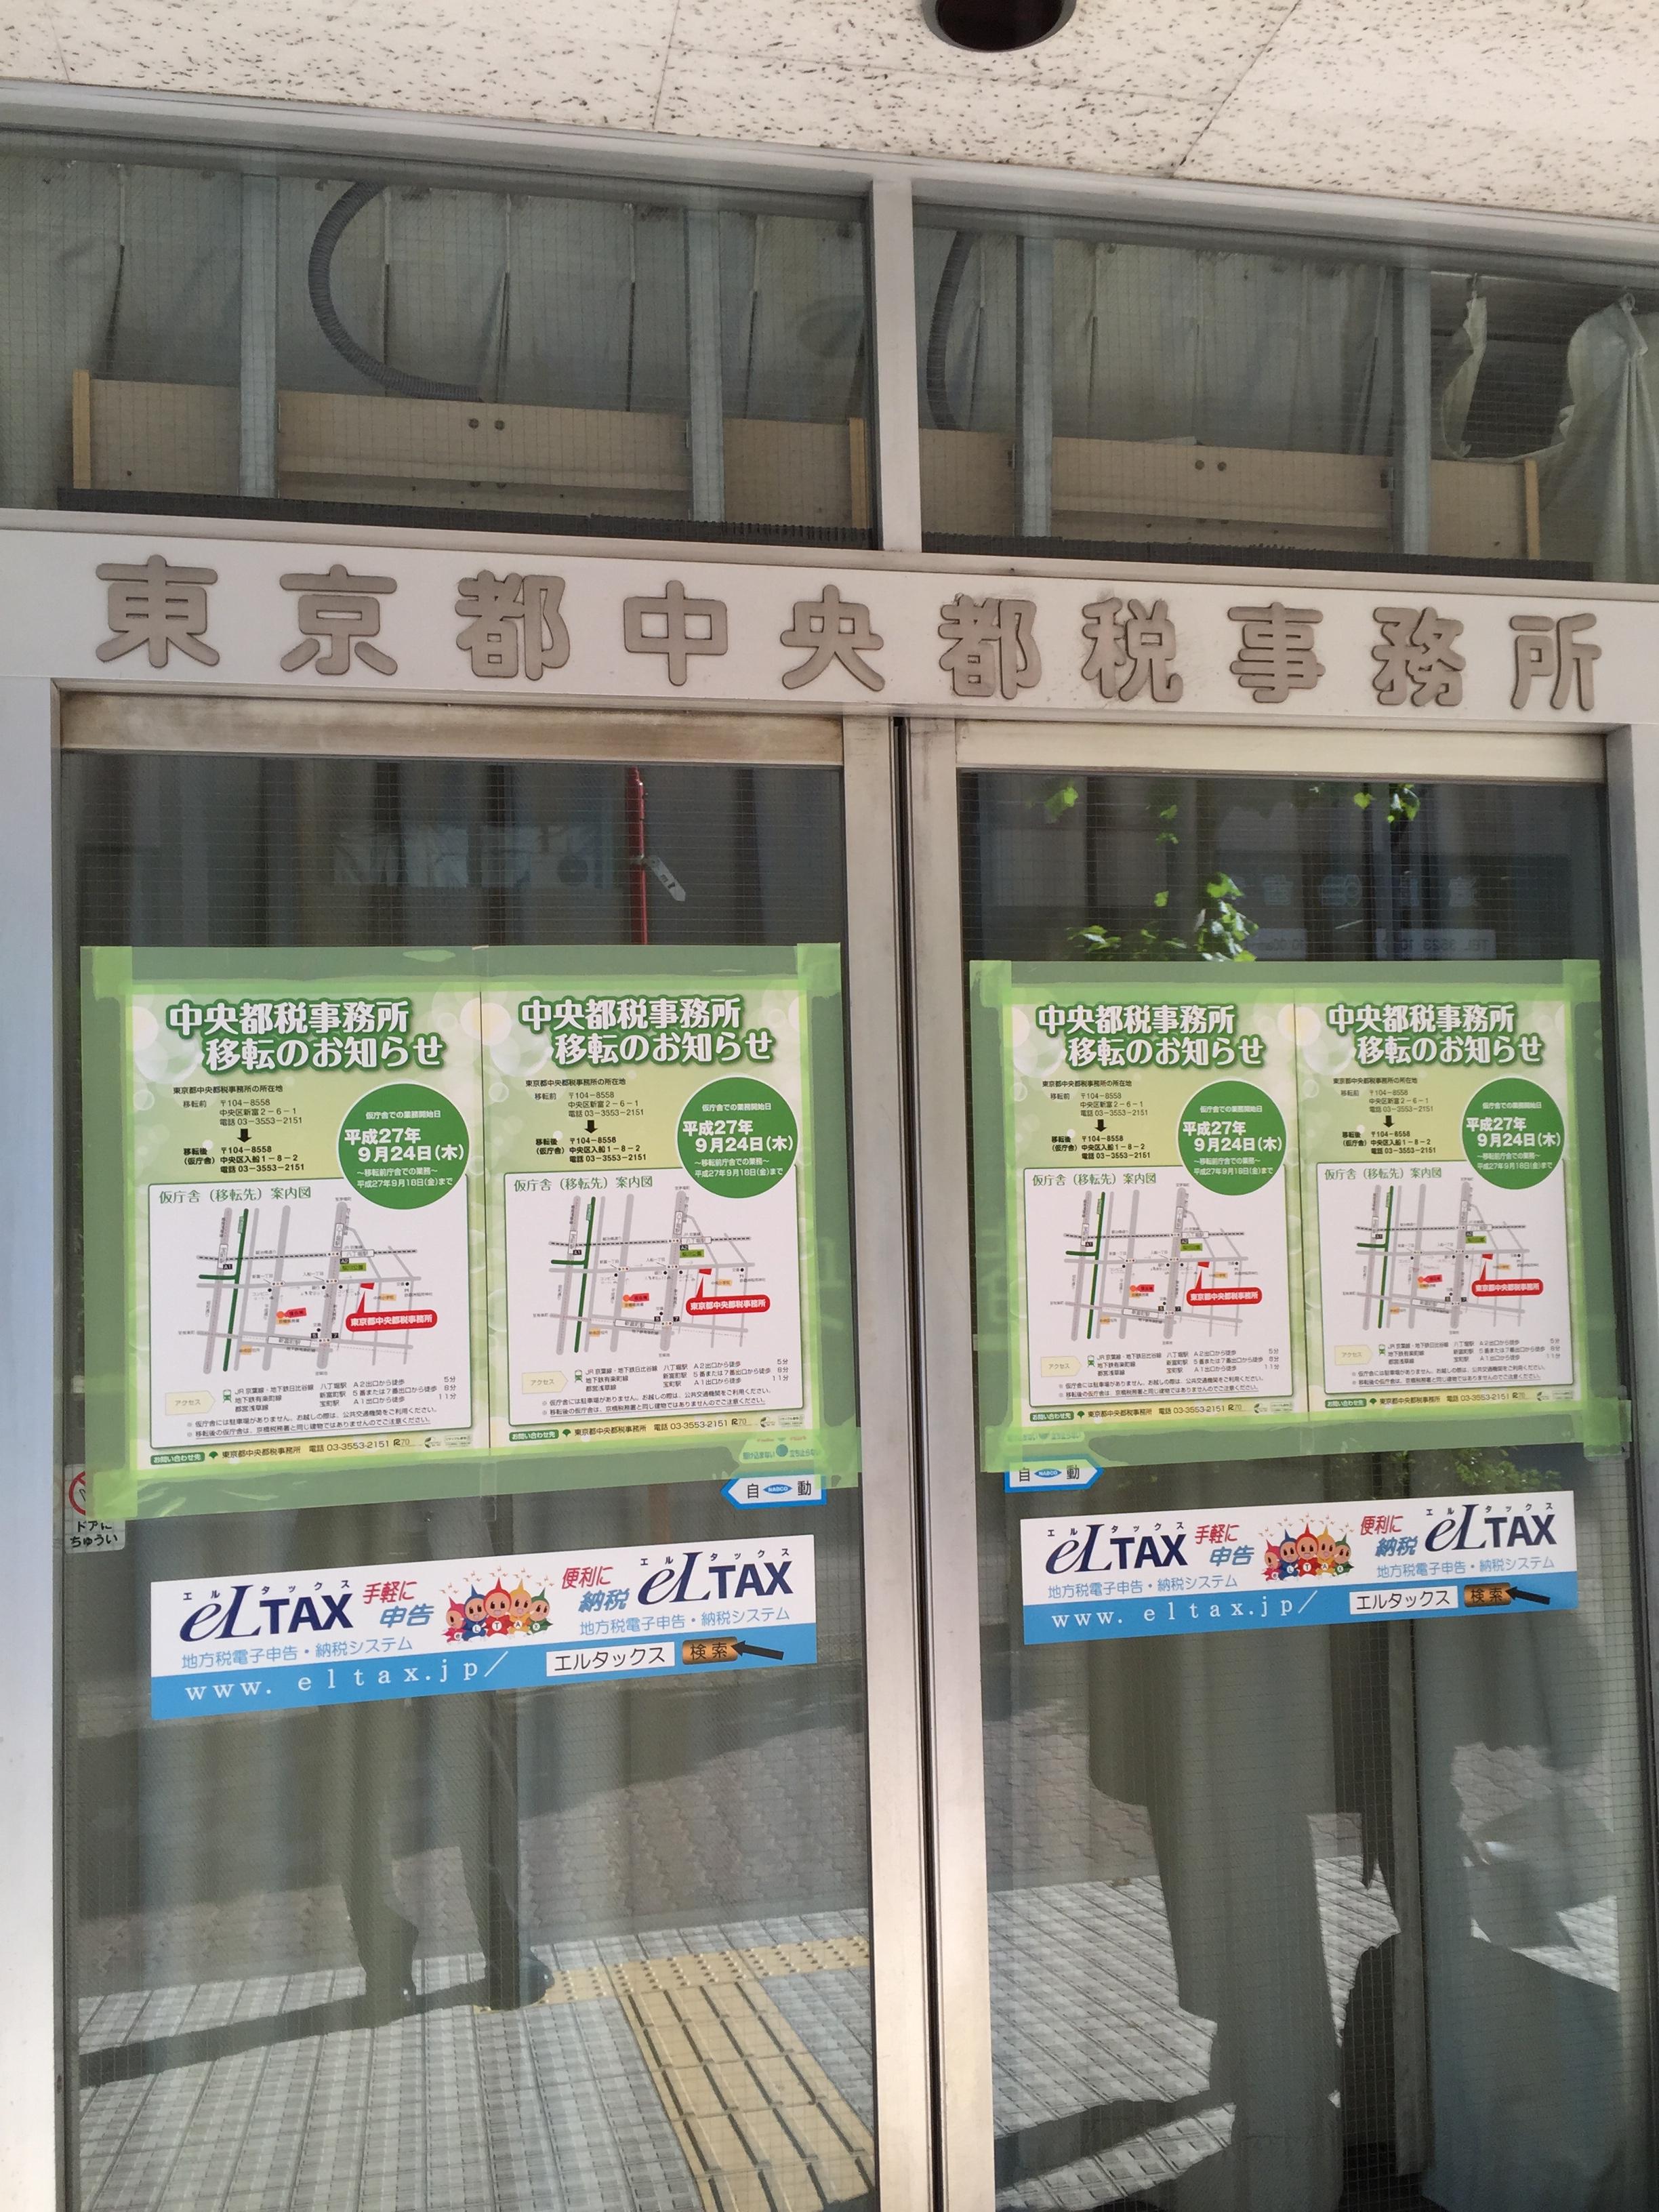 11-中央都税事務所.JPG